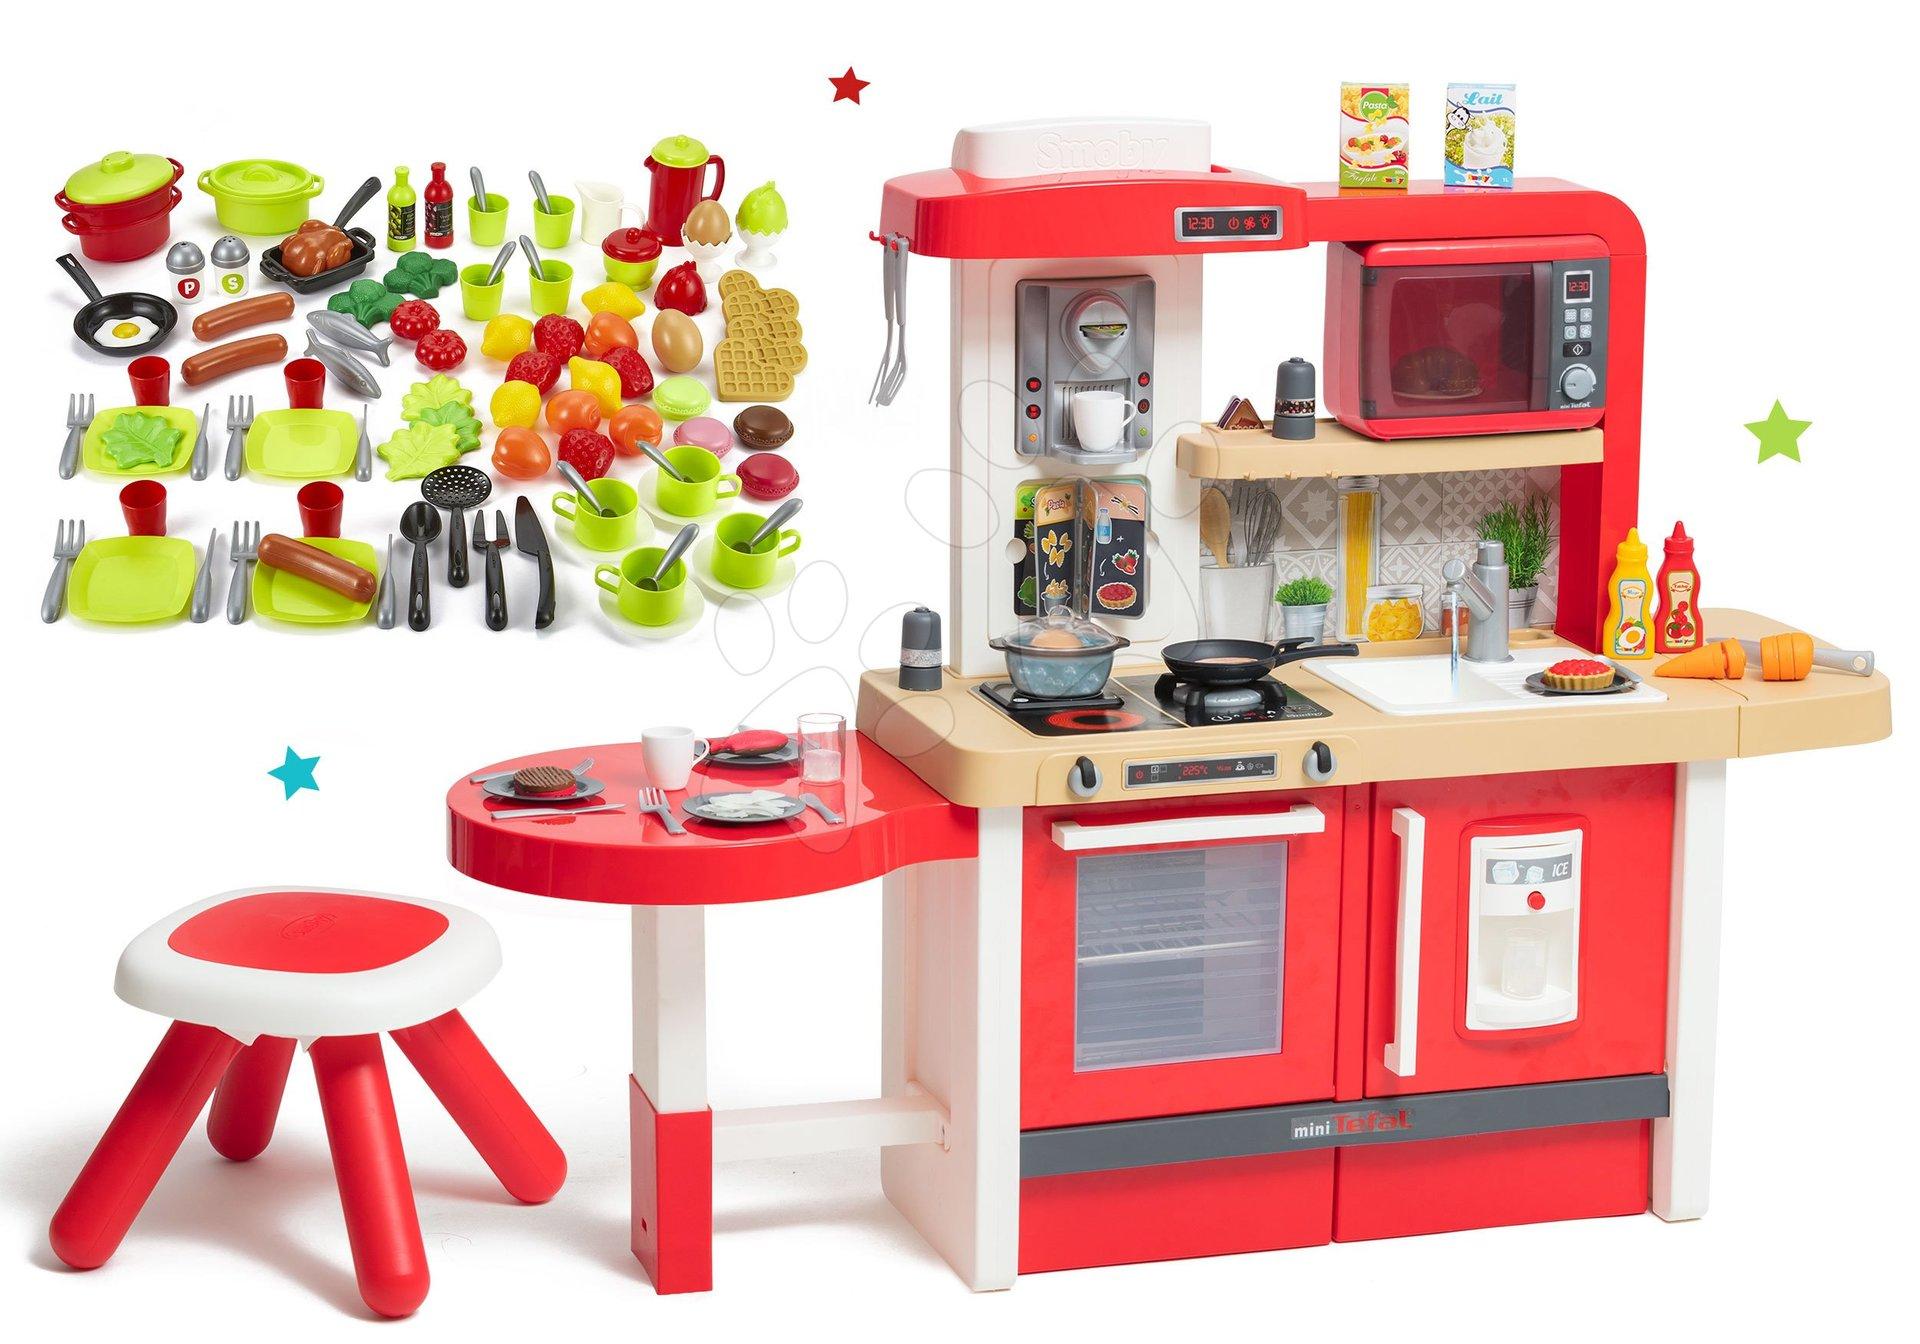 Set kuchyňka rostoucí s tekoucí vodou Tefal Evolutive Grand Chef Smoby a mikrovlnka elektronická a 100 potravin